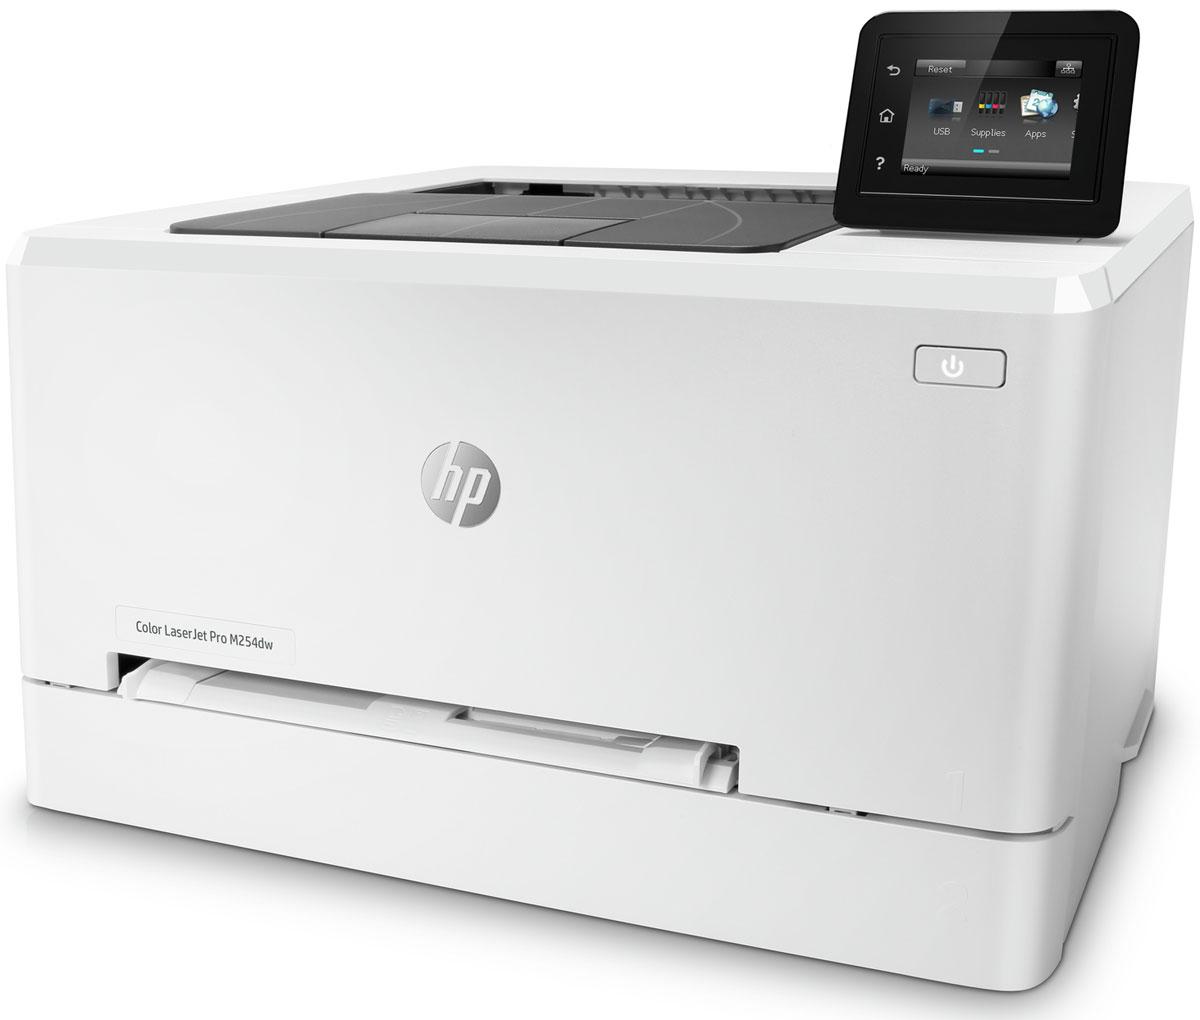 HP Color LaserJet Pro M254dw принтер принтер hp color laserjet pro m452dn cf389a